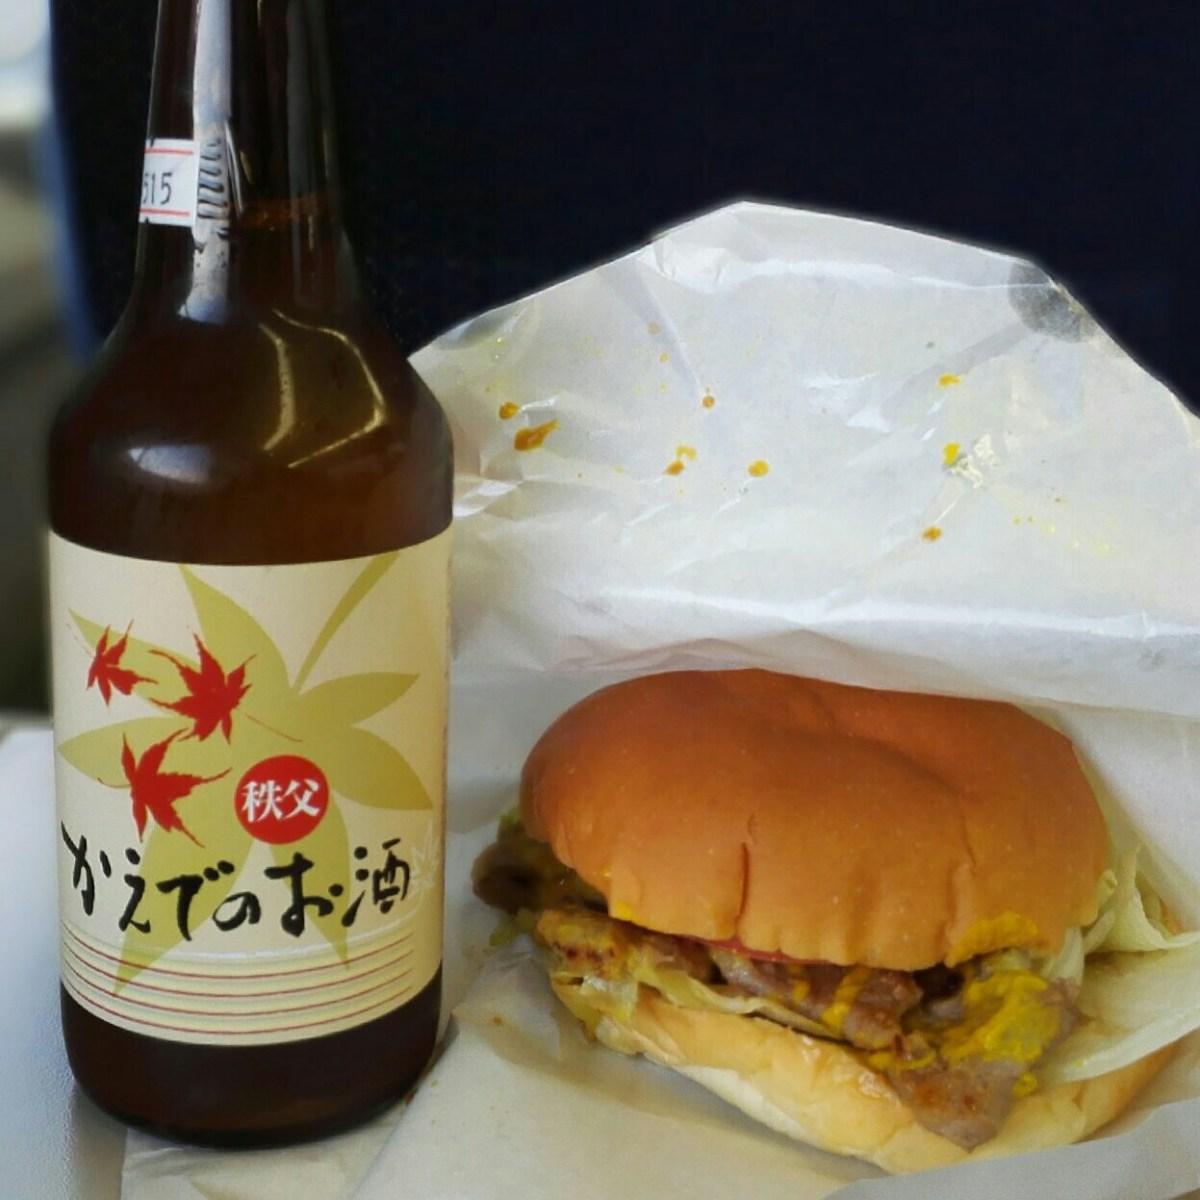 秩父味噌豚バーガーと地ビール